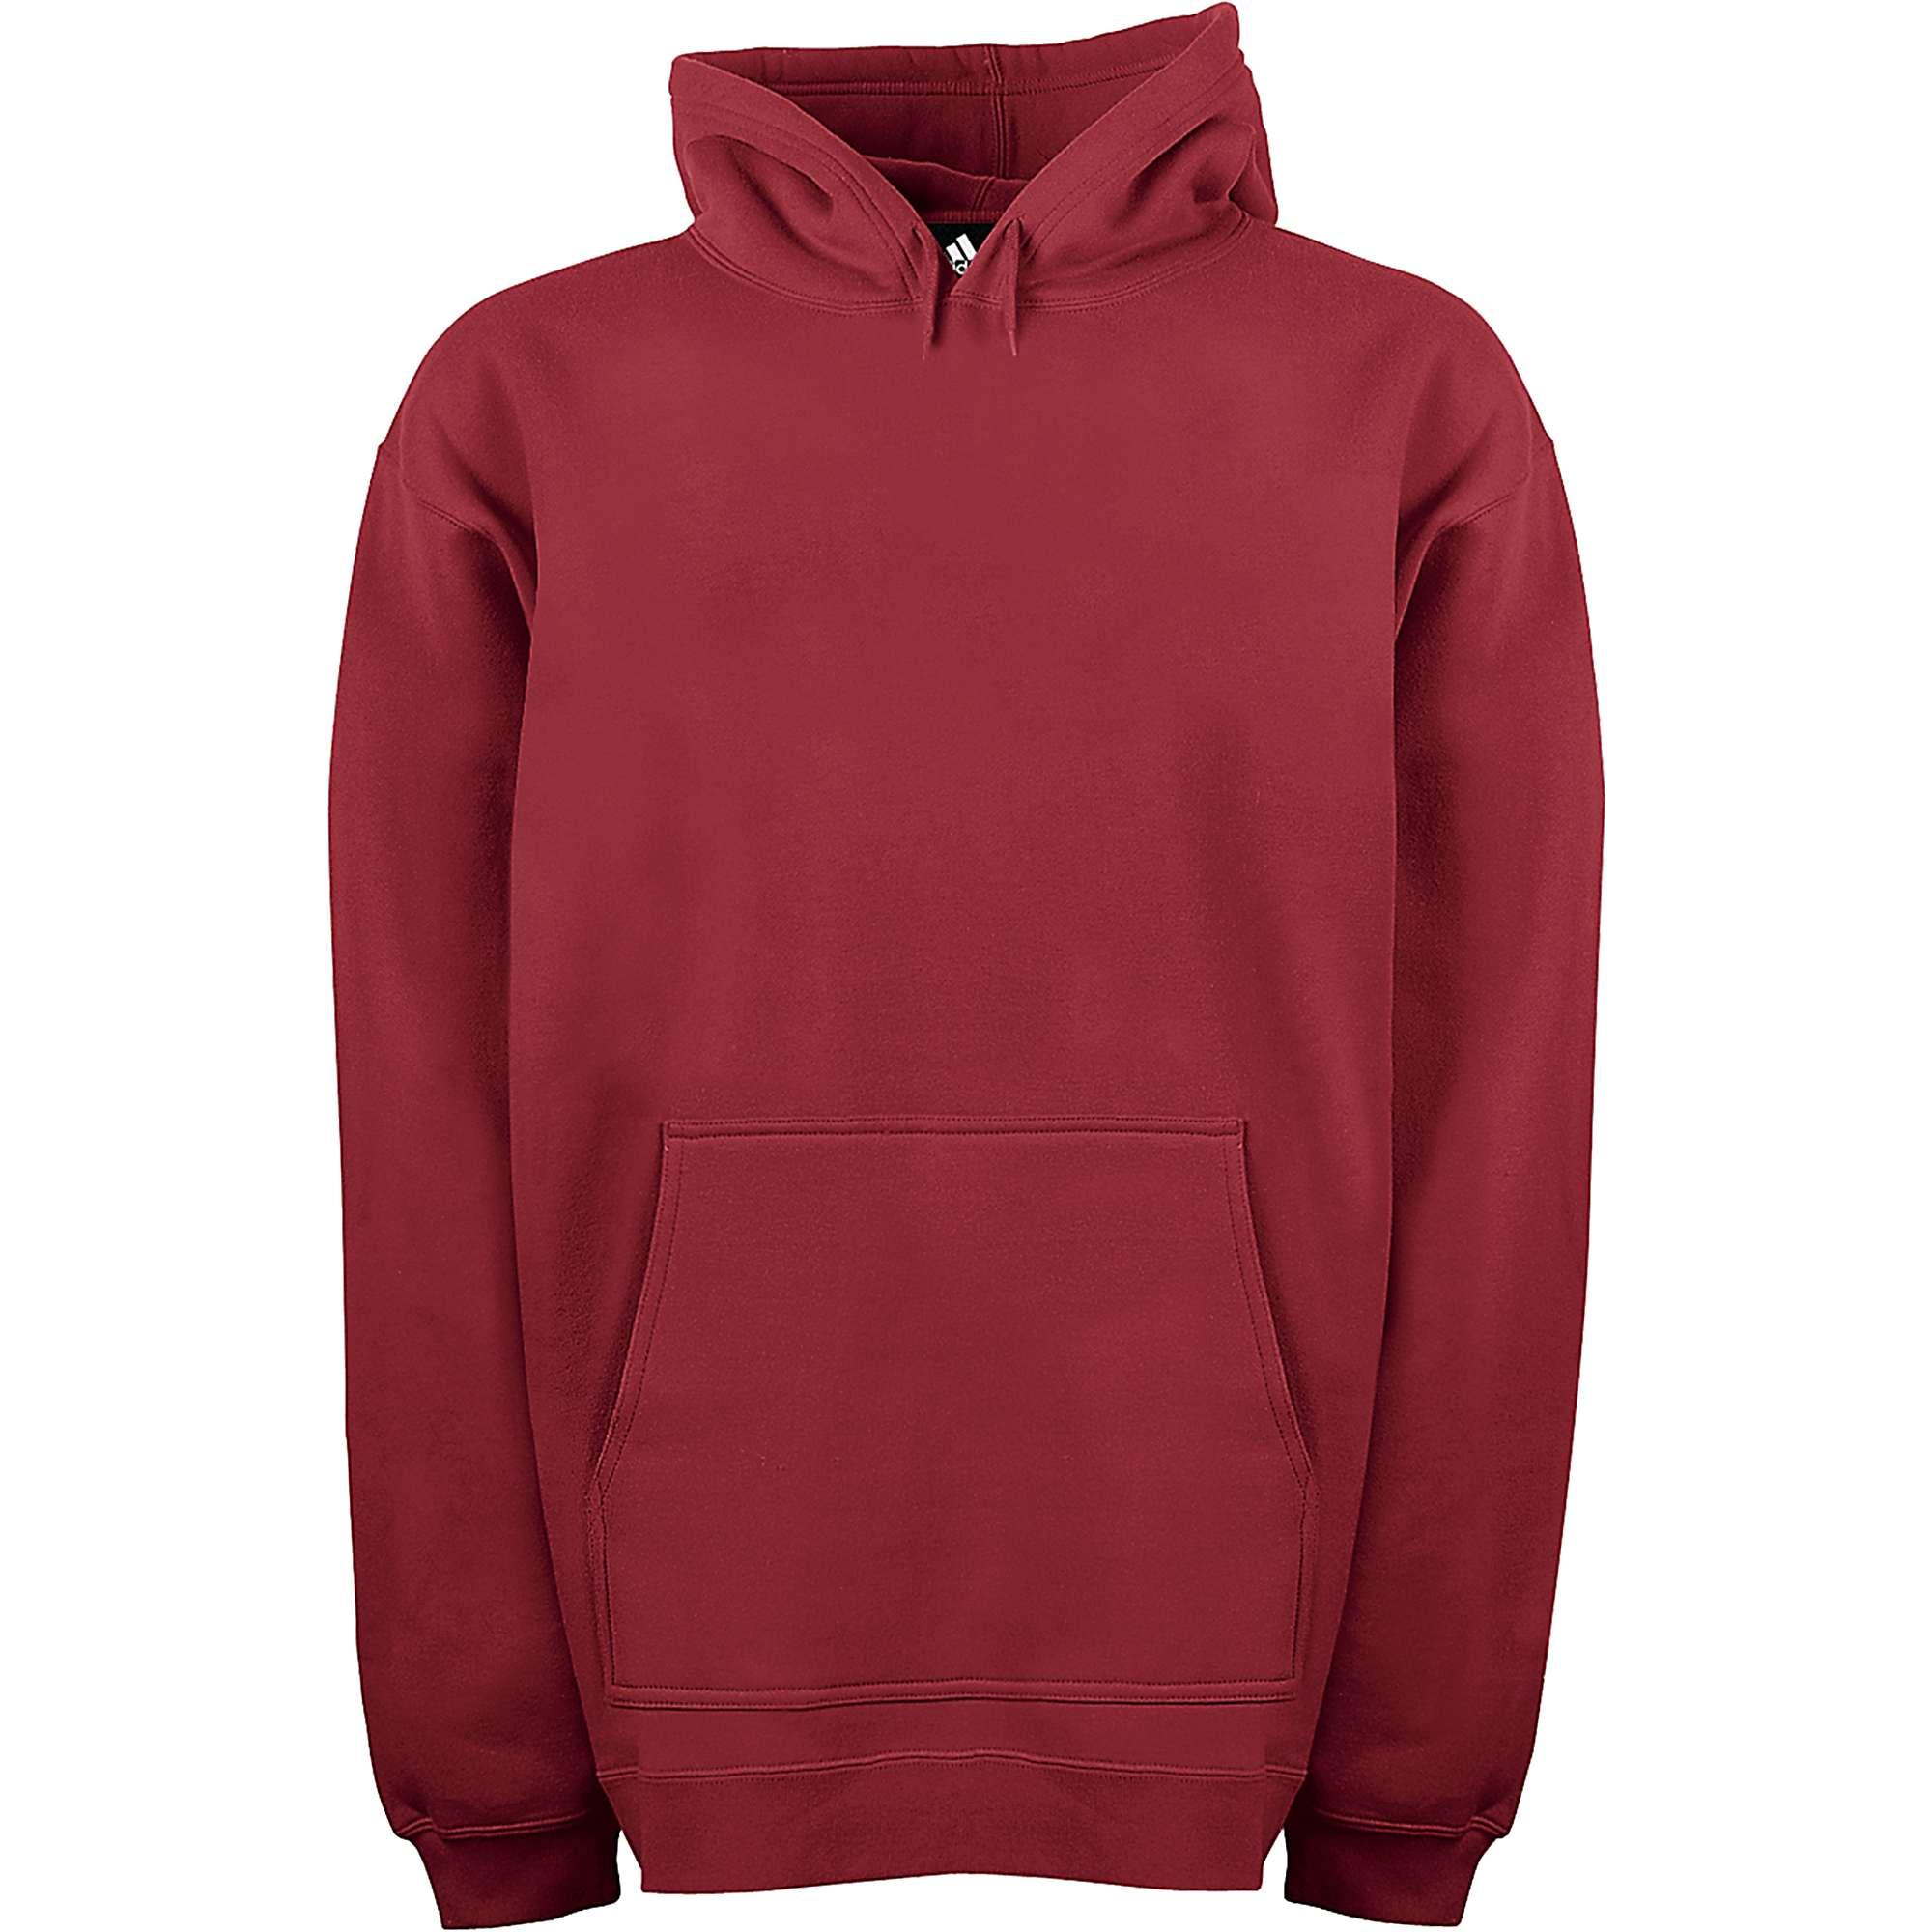 Mens coat hoodie